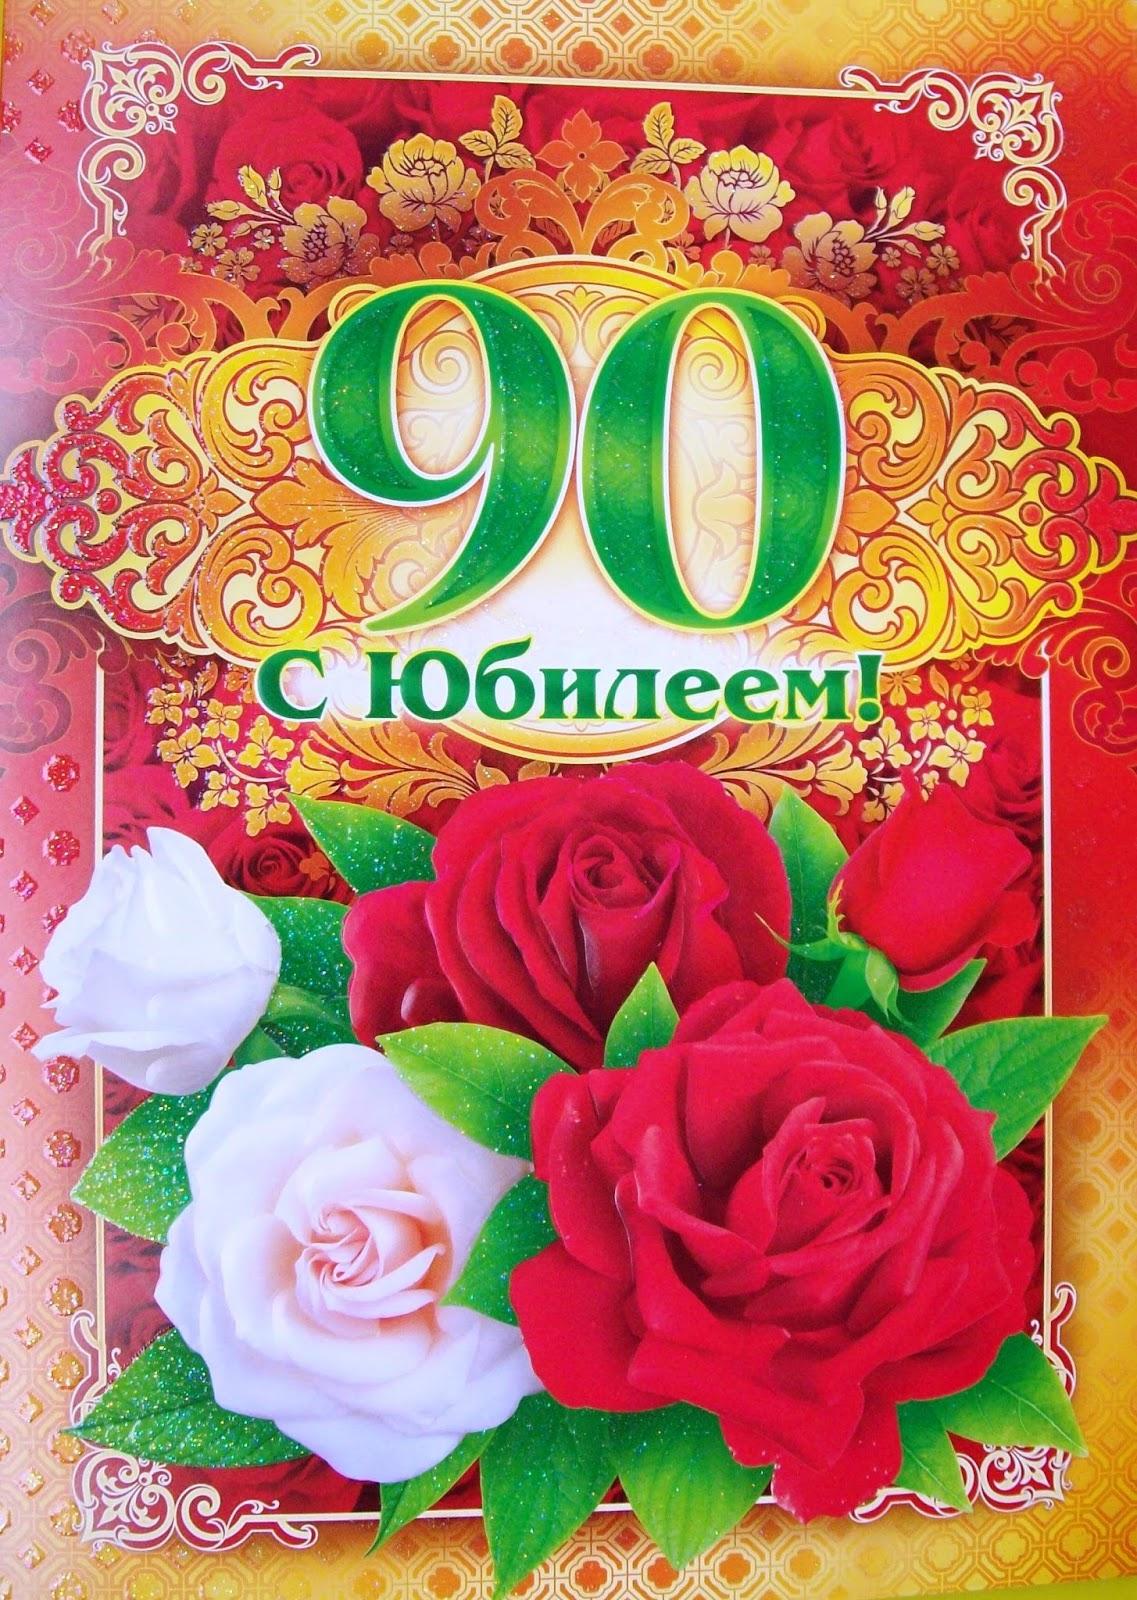 Поздравления с юбилеем для бабушки 90 лет